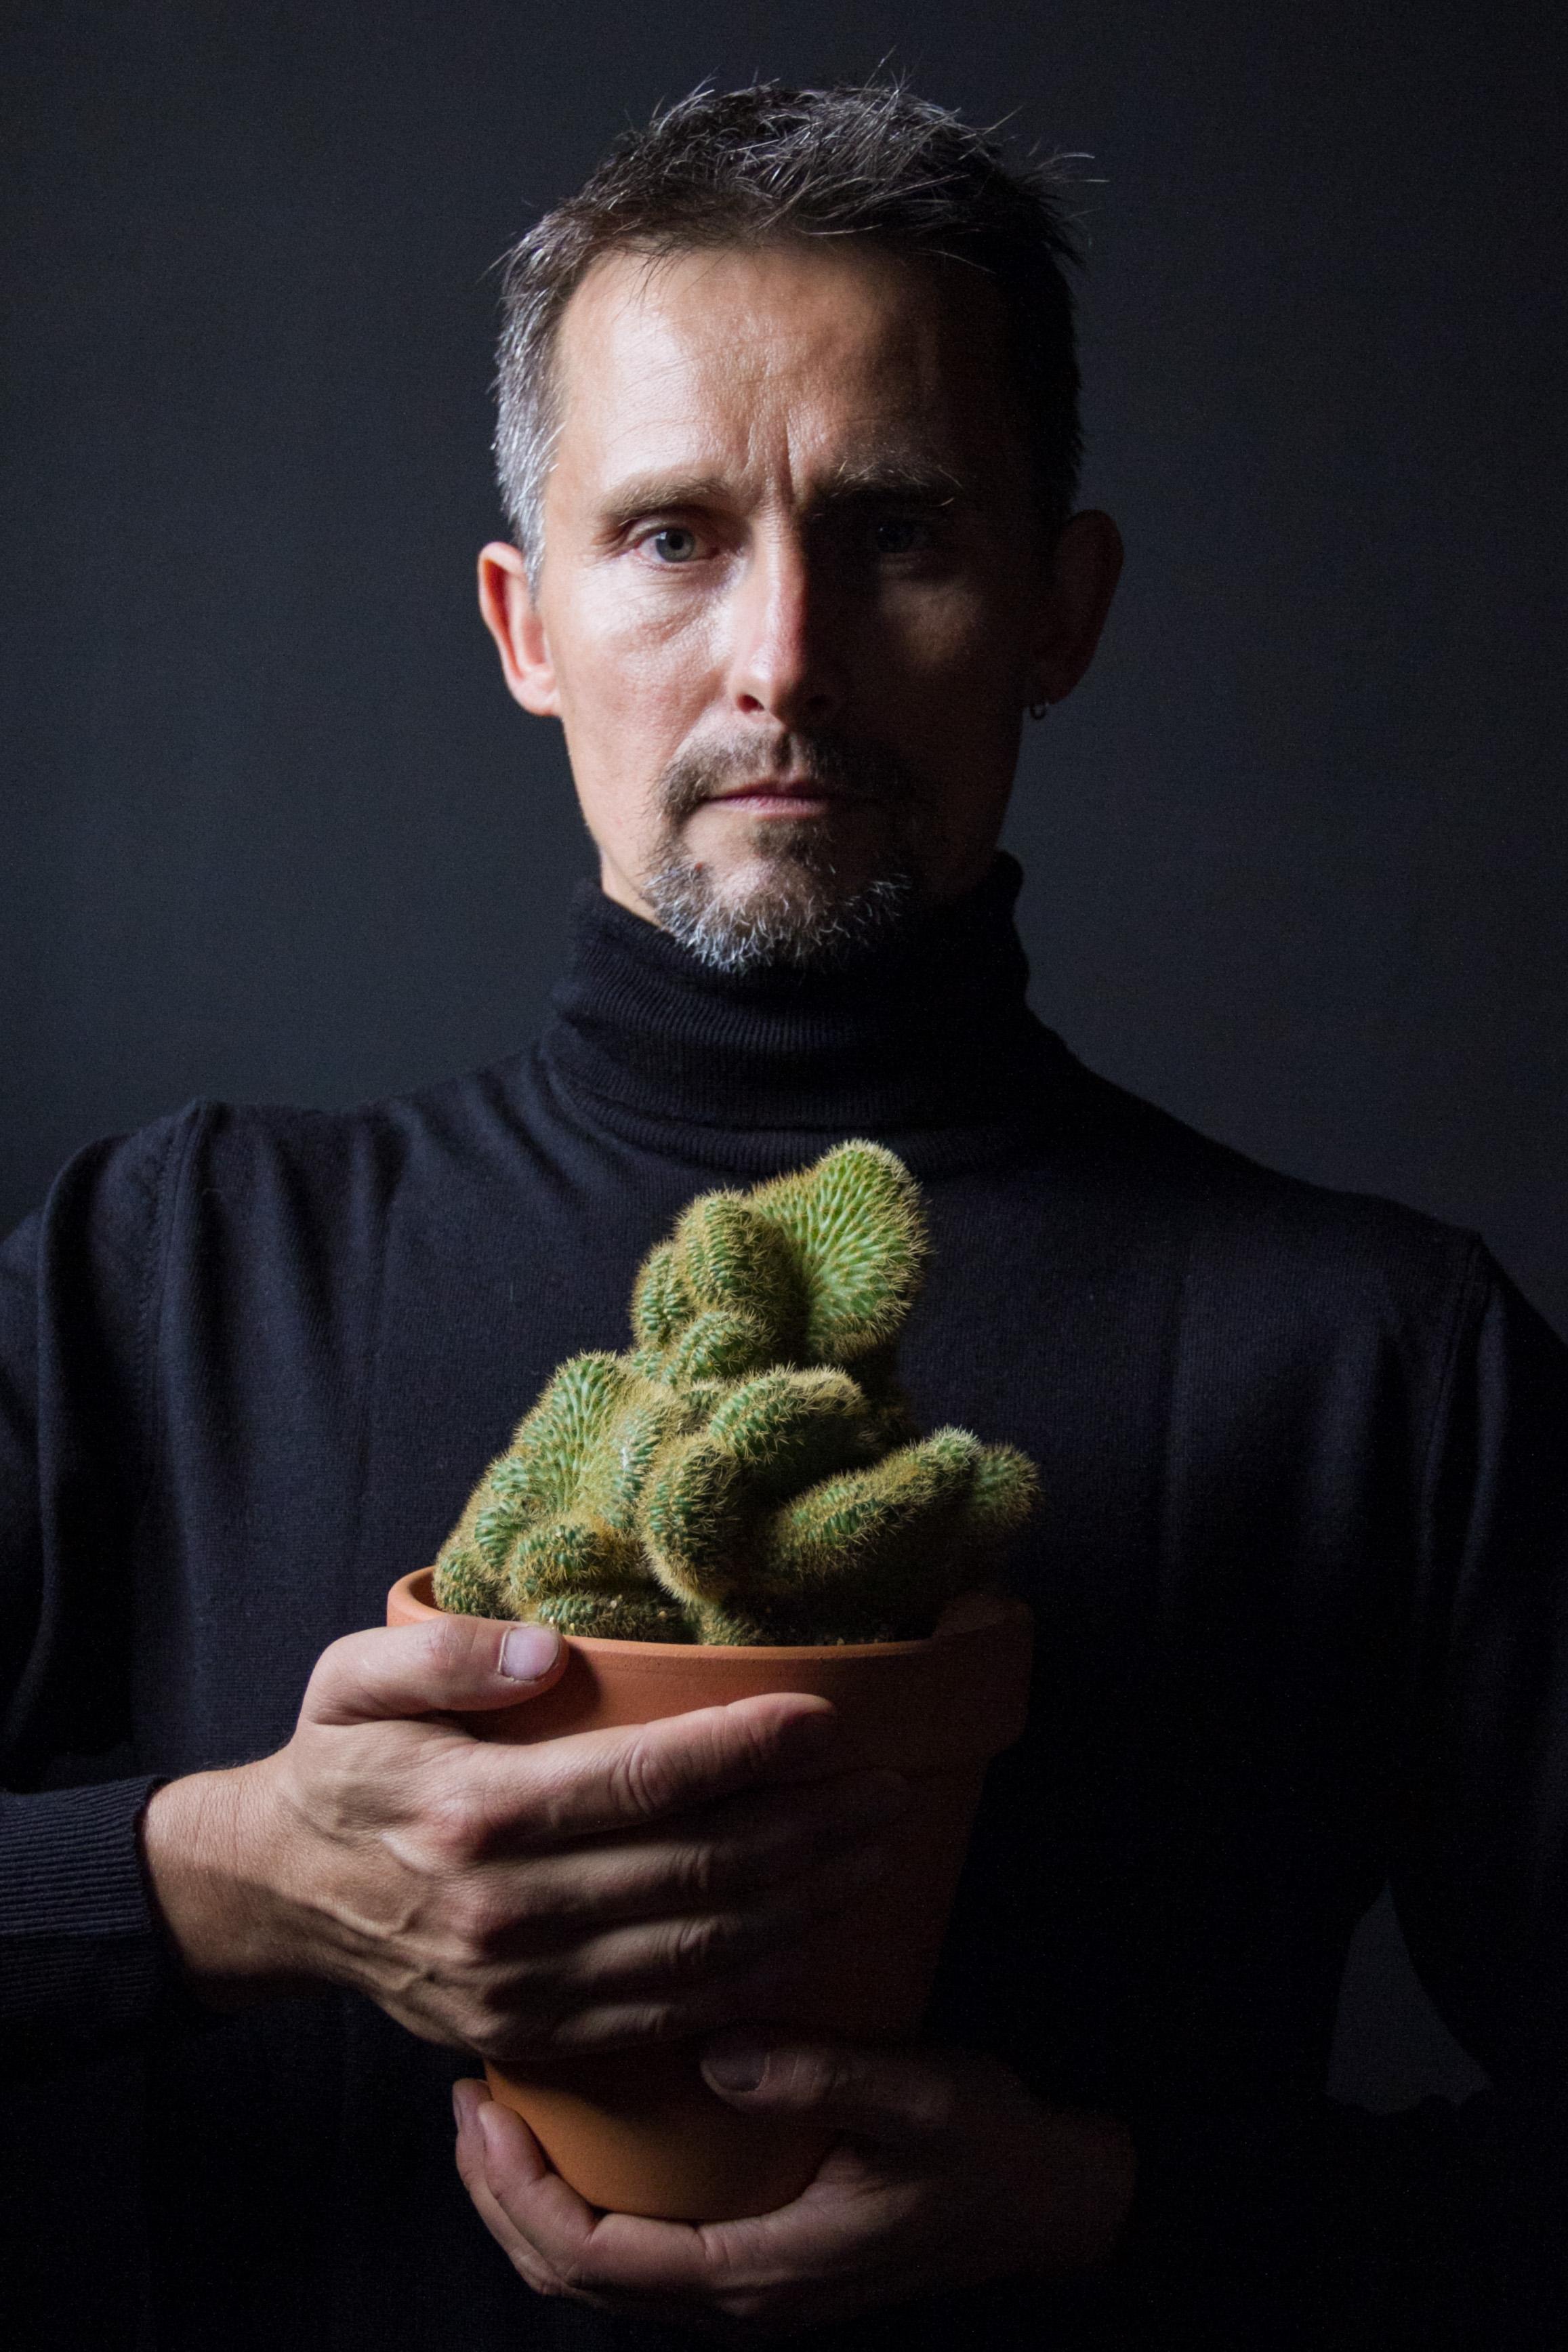 Marc grañén